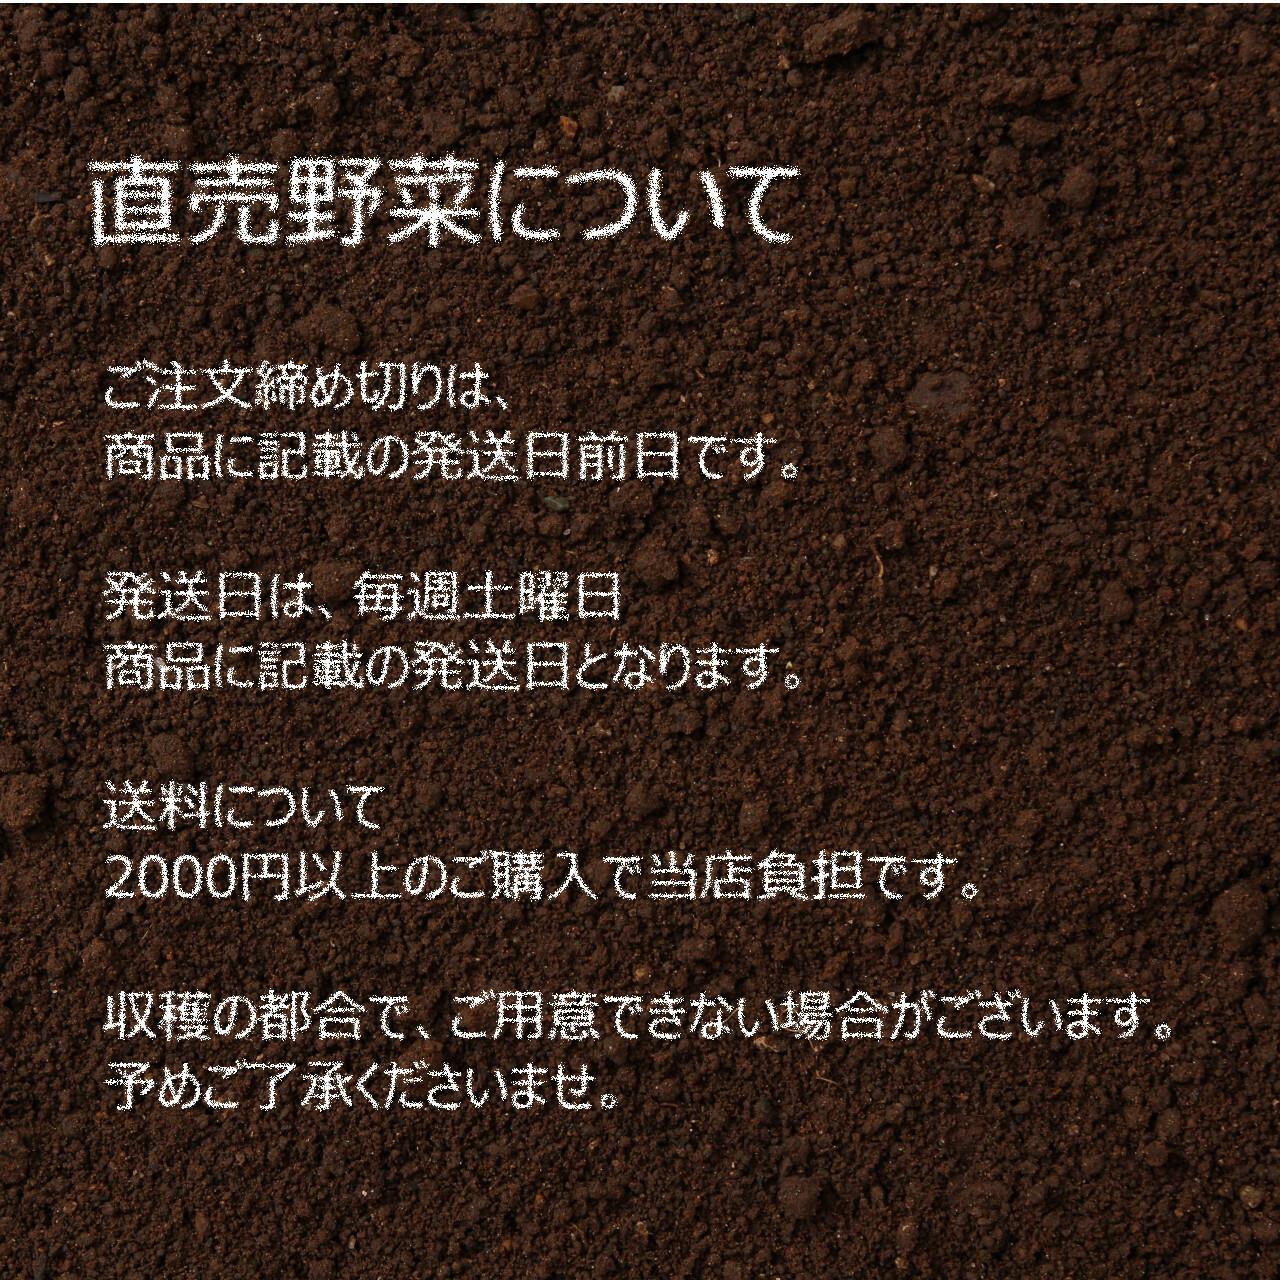 5月の朝採り直売野菜:スナップエンドウ 約300g 春の新鮮野菜 5月16日発送予定